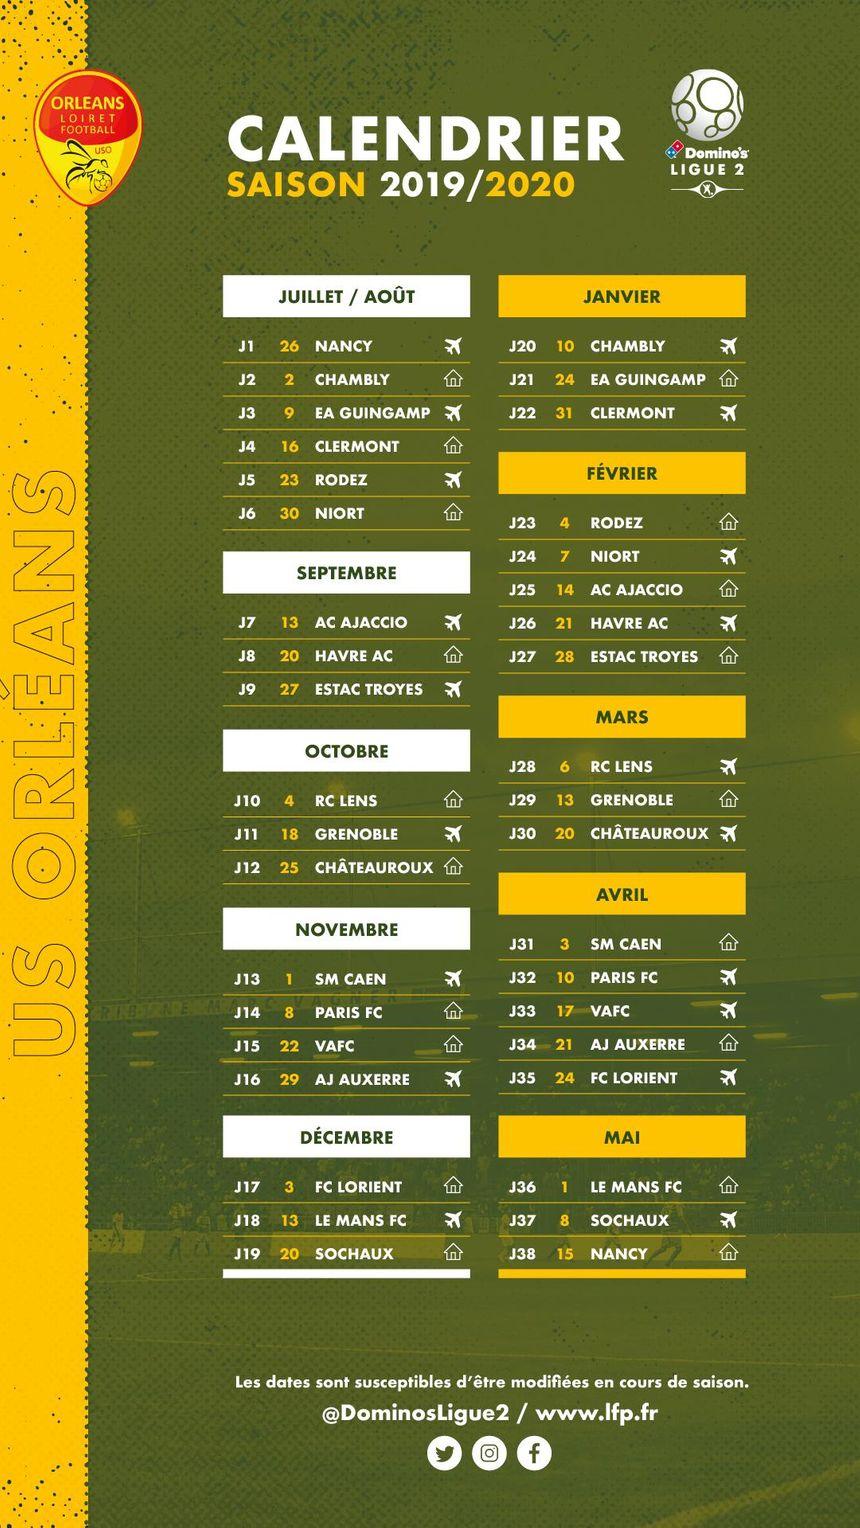 Le calendrier de l'US Orléans pour la saison 2019-2020.